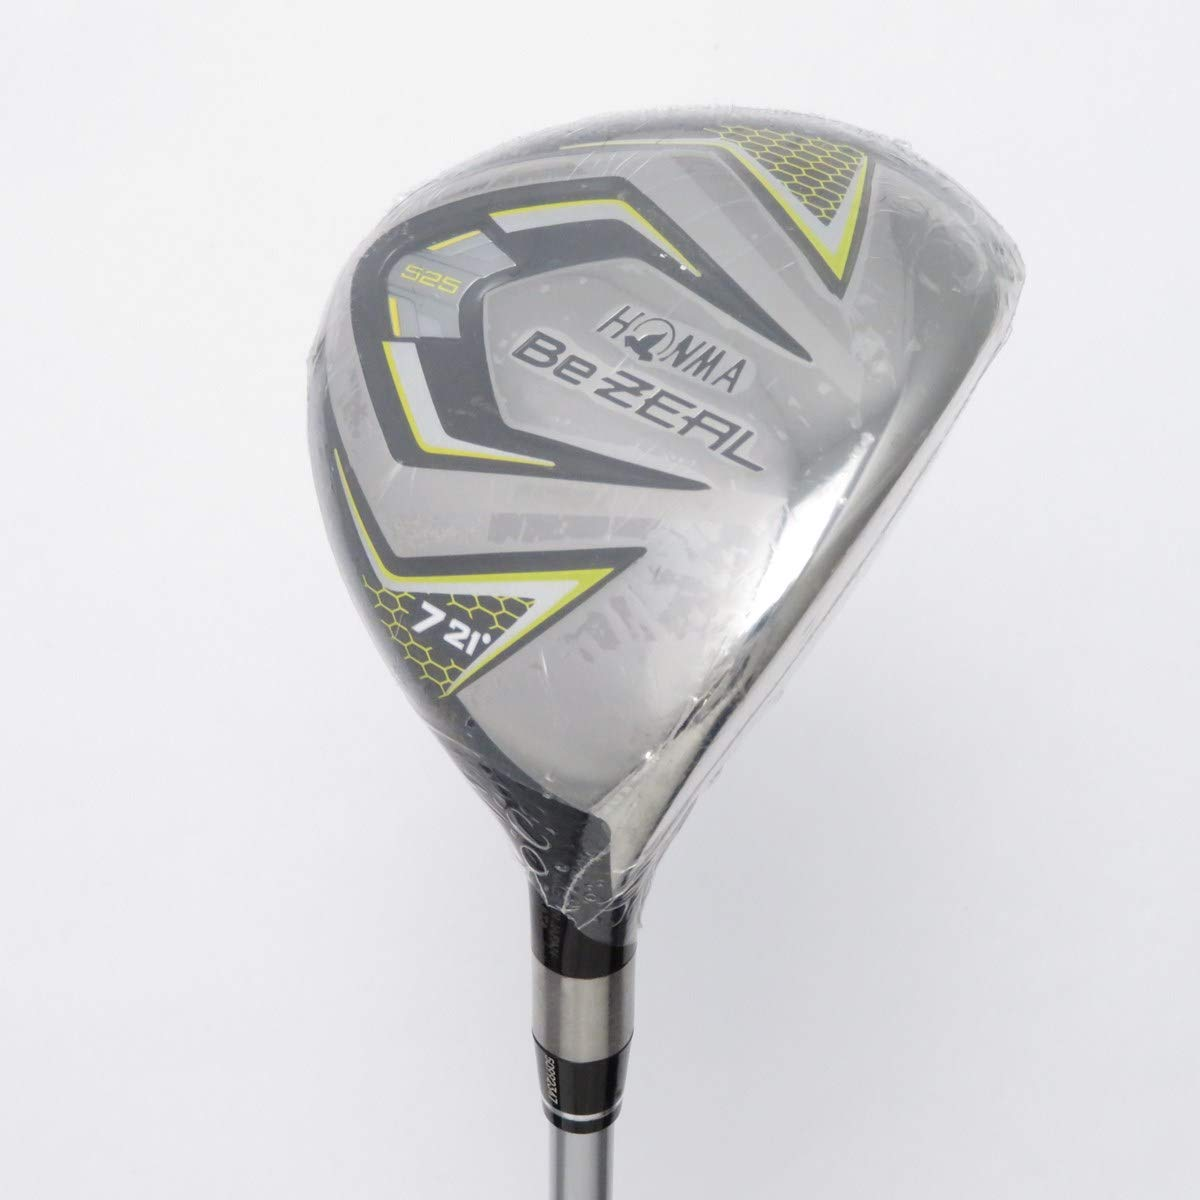 【中古】本間ゴルフ Be ZEAL Be ZEAL 525 フェアウェイウッド VIZARD for Be ZEAL 【7W】 B07P7M3L7K  R